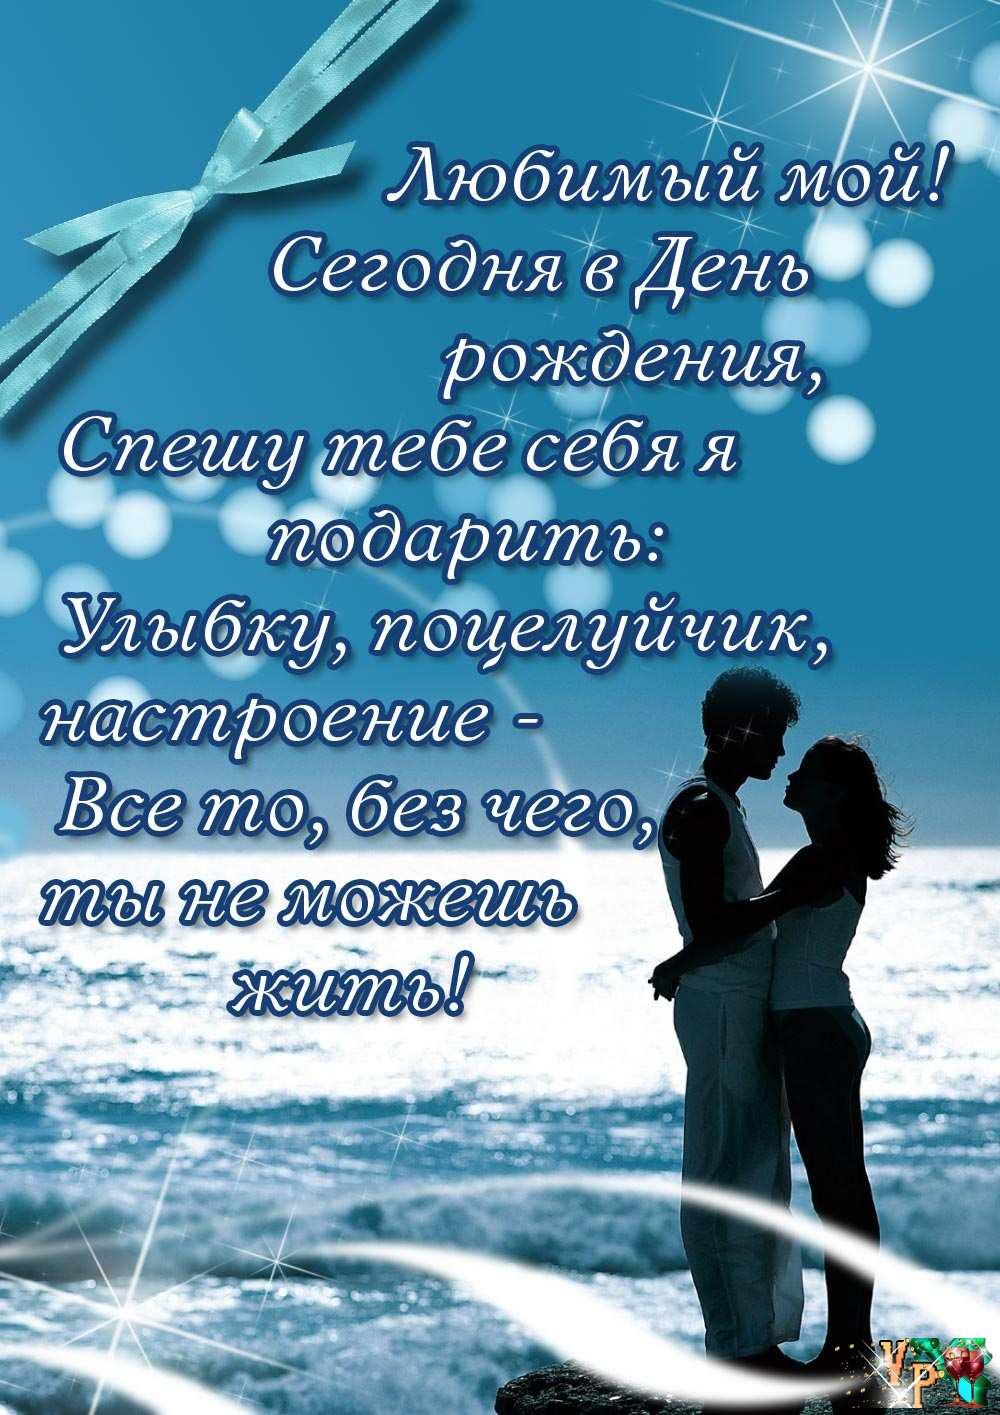 Изображение - Открытка поздравление любимой с днем рождения Kartinki-s-dnem-rozhdeniya-lyubimyj-10